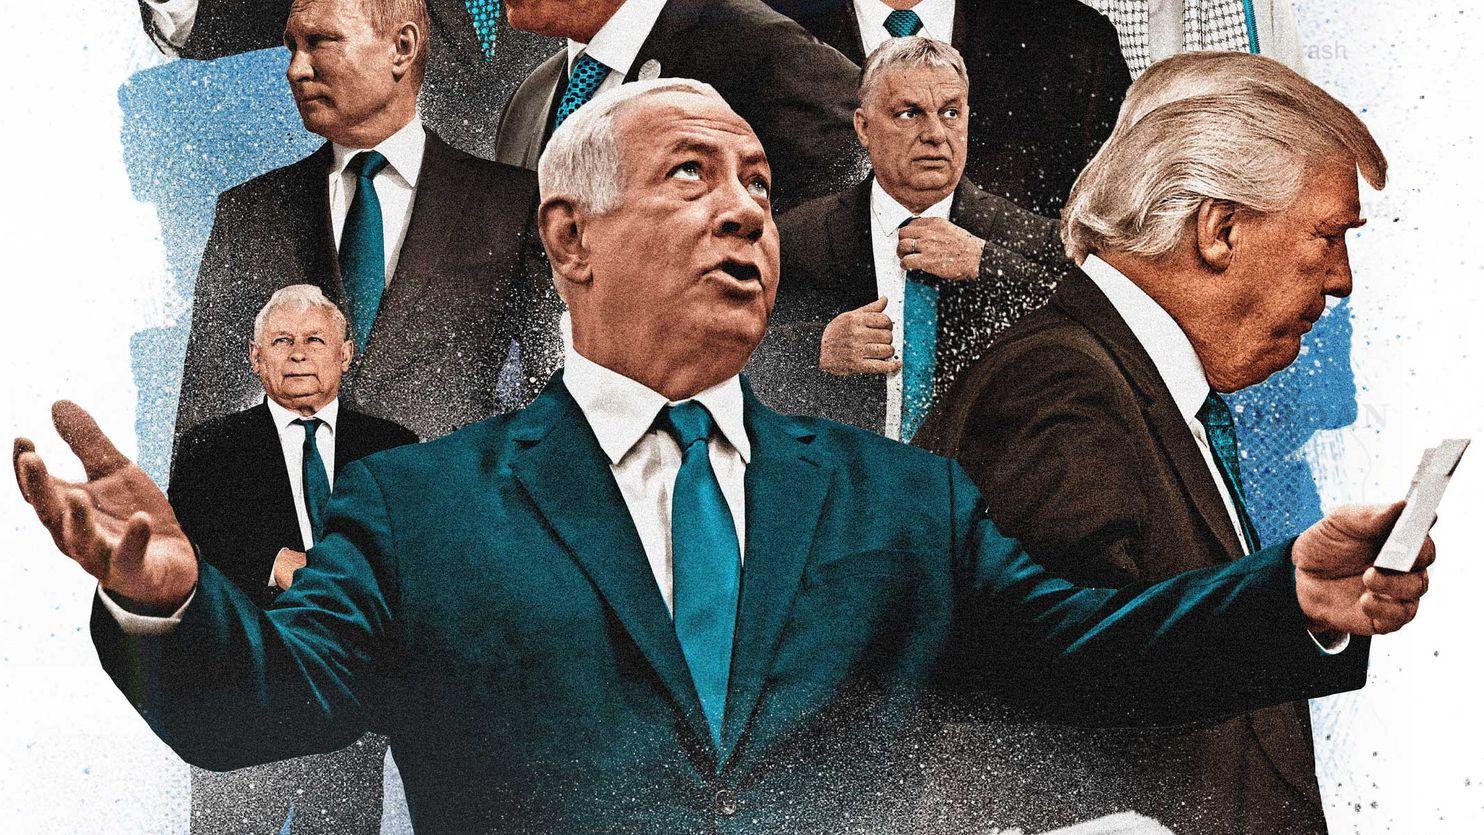 صورة أول تصريح لدولة عربية عظمى: أصبحنا لوحدنا وسنتحالف مع إسرائيل مباشرة.. و3 دول تعيش كابوسا!